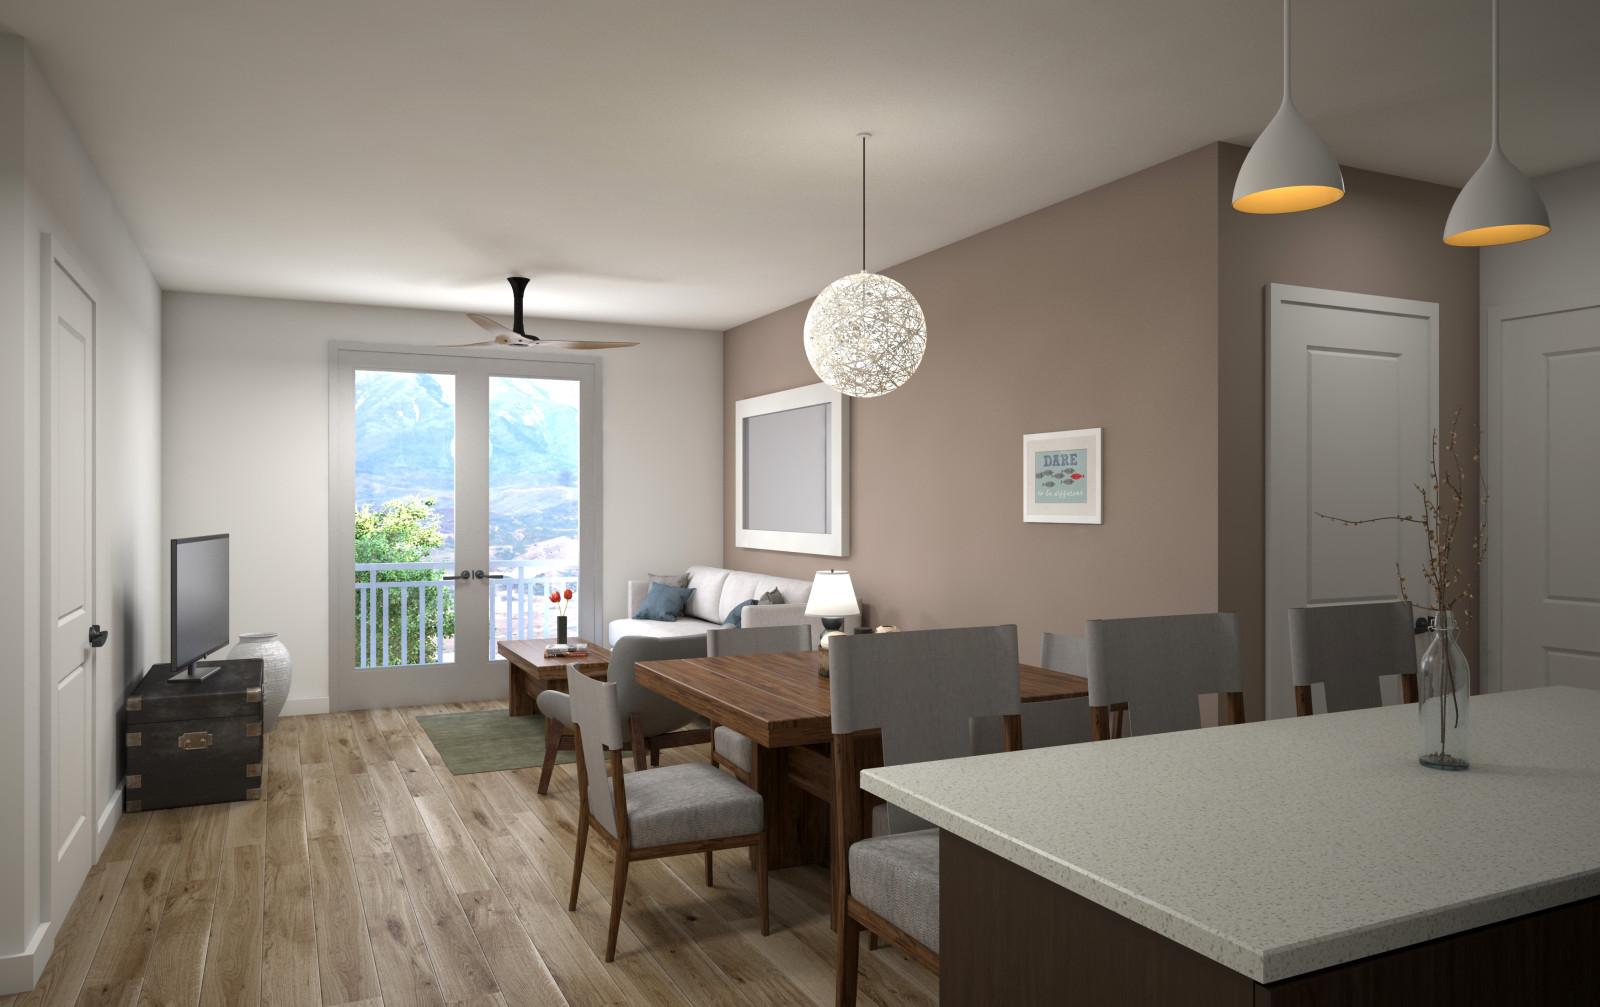 2017.06.26 277 Lofts living [option B]